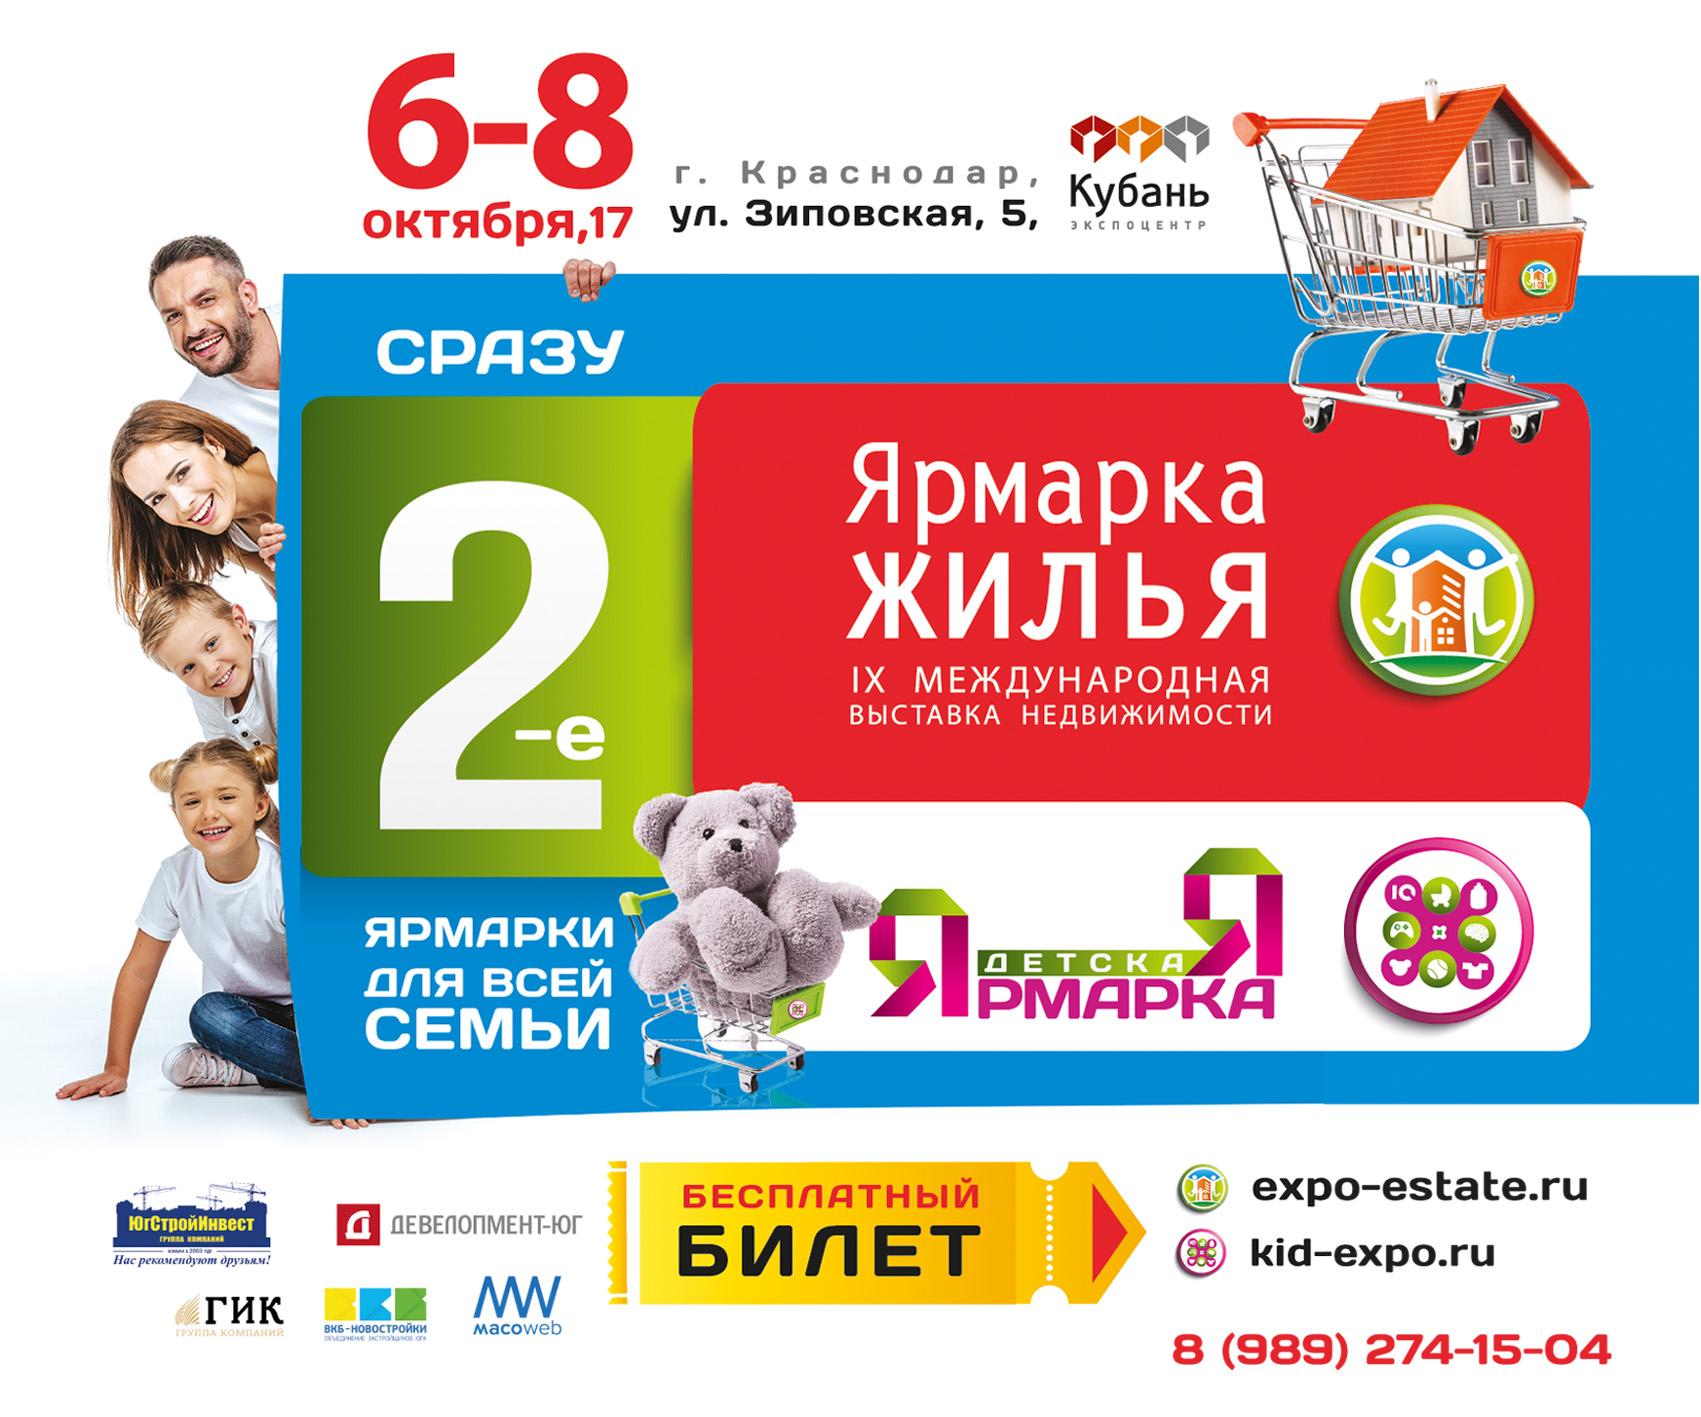 С 6 по 8 октября в Выставочном центре на Зиповской, 5 пройдут две выставки. На одной площадке состоится IX Специализированная выставка недвижимости «Ярмарка жилья» и первая «Детская ярмарка».